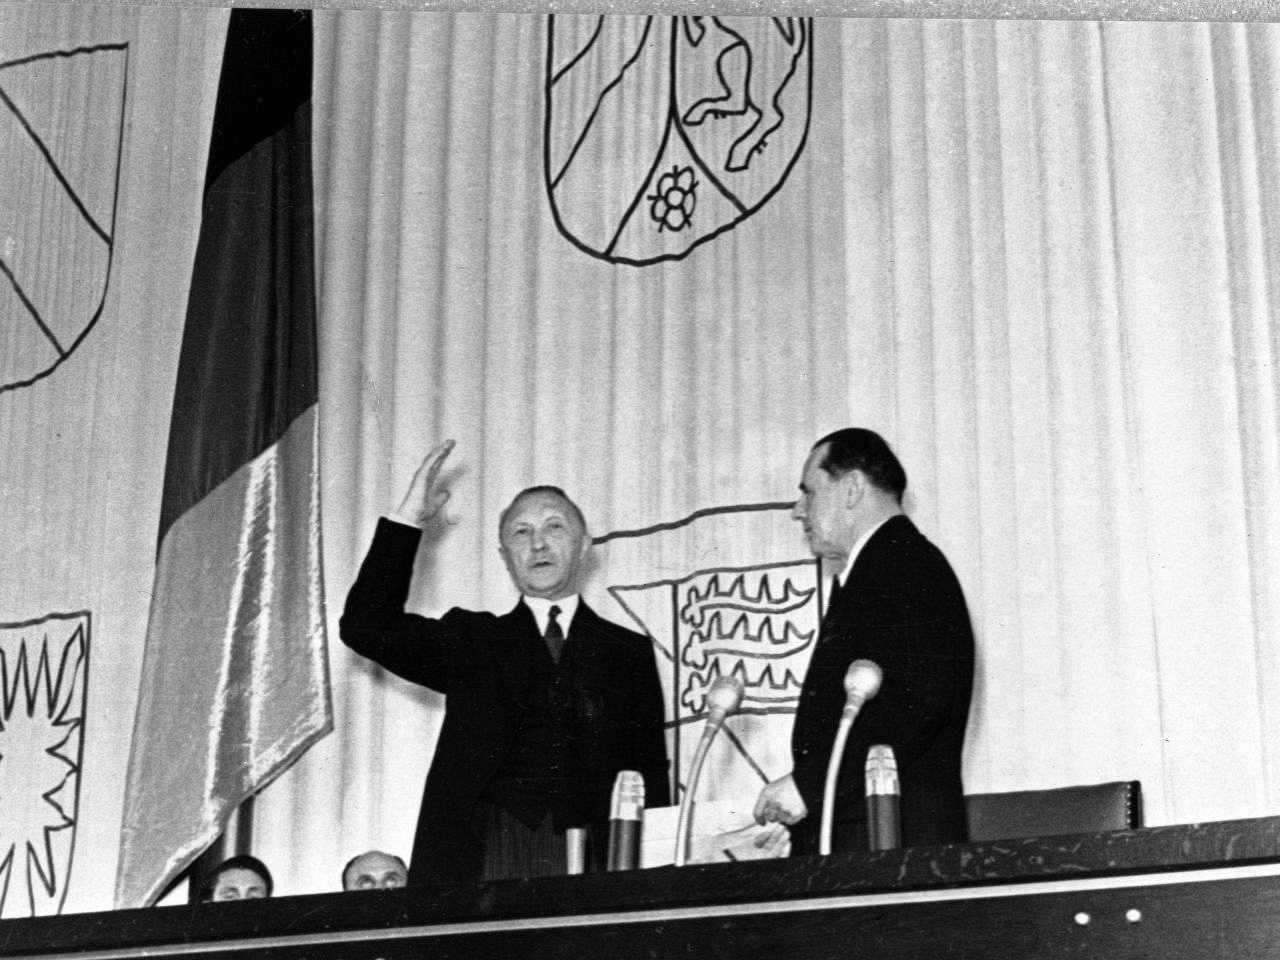 fotografie der vereidigung von bundeskanzler konrad adenauer vor dem deutschen bundestag durch bundestagsprsident erich khler - Konrad Adenauer Lebenslauf